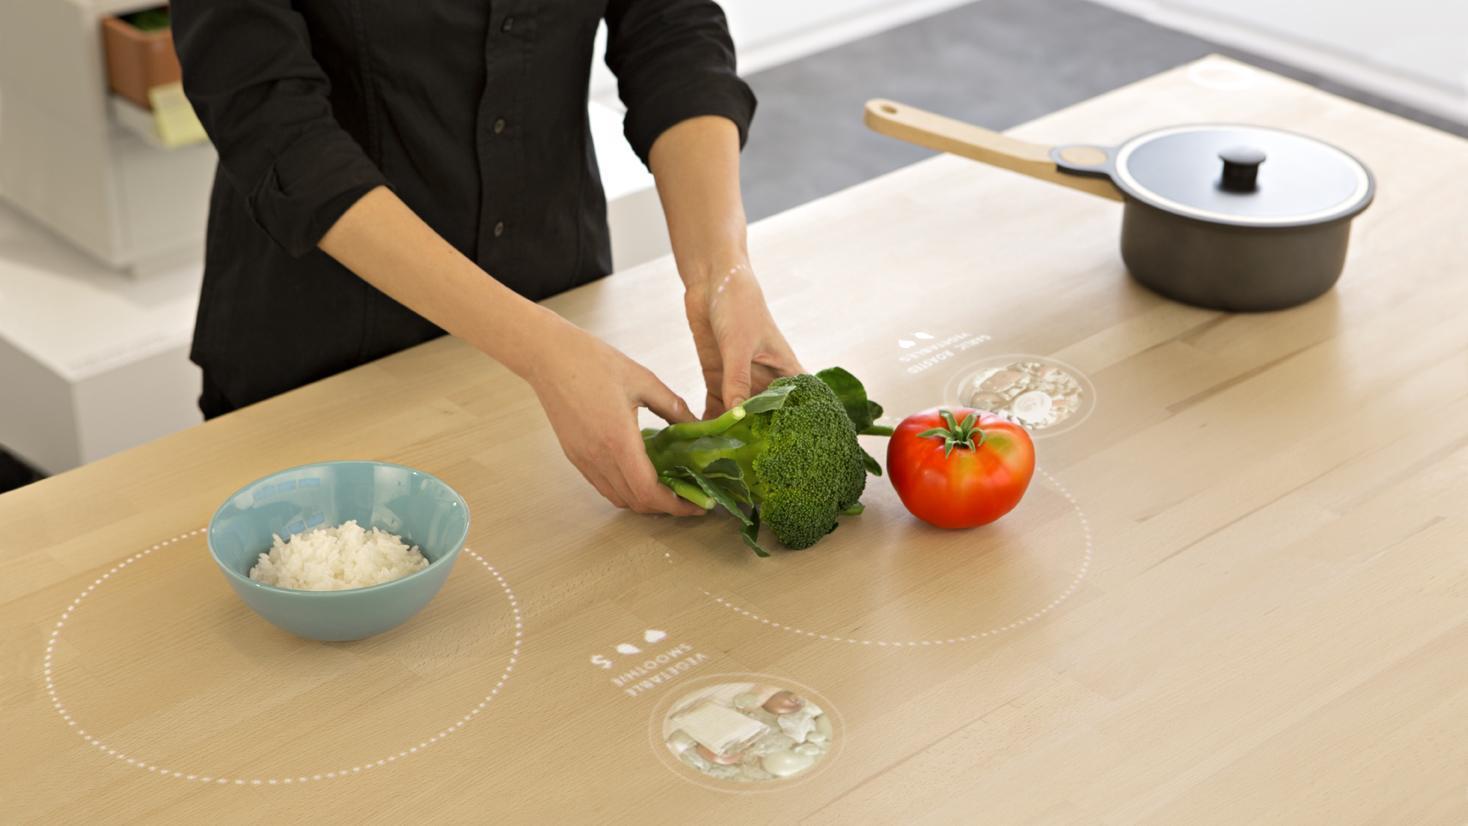 Cozinha do futuro: mesa interativa será uma das novidades.